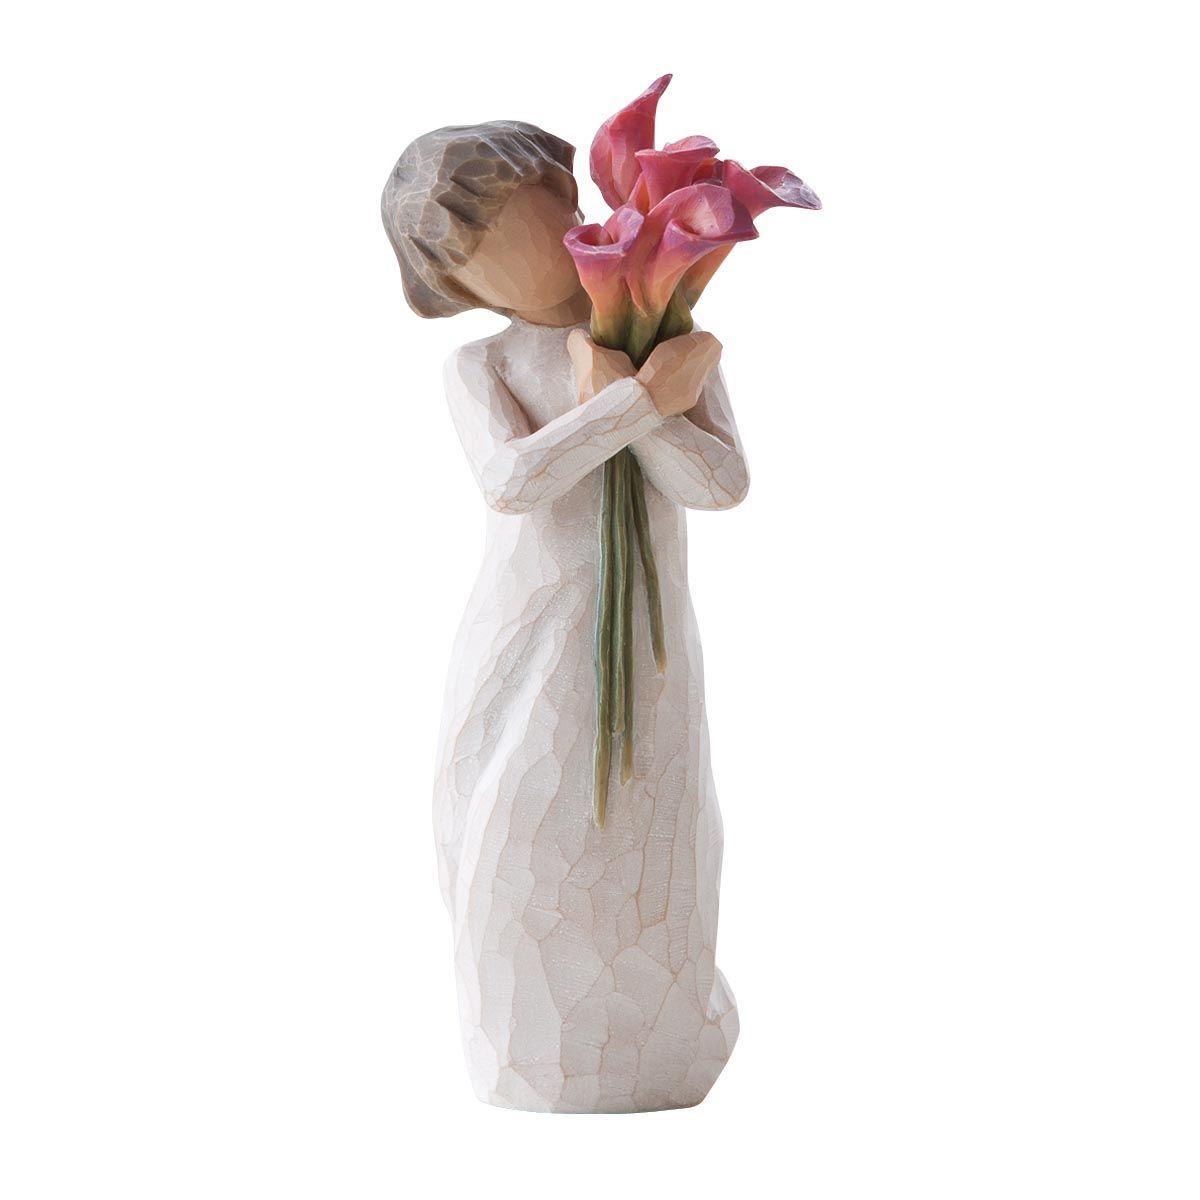 Фигурка декоративная Willow Tree Расцветать, высота 14 смTHN132NДекоративная фигурка Willow Tree создана канадским скульптором Сьюзан Лорди. Фигурка выполнена из искусственного камня (49% карбонат кальция мелкозернистой разновидности, 51% искусственный камень).Фигурка Willow Tree – это настоящее произведение искусства, образная скульптура в миниатюре, изображающая эмоции и чувства, которые помогают чувствовать себя ближе к другим, верить в мечту, выражать любовь.Фигурка помещена в красивую упаковку.Купить такой оригинальный подарок, значит не только украсить интерьер помещения или жилой комнаты, но выразить свое глубокое отношение к любимому человеку. Этот прекрасный сувенир будет лучшим подарком на день ангела, именины, день рождения, юбилей.